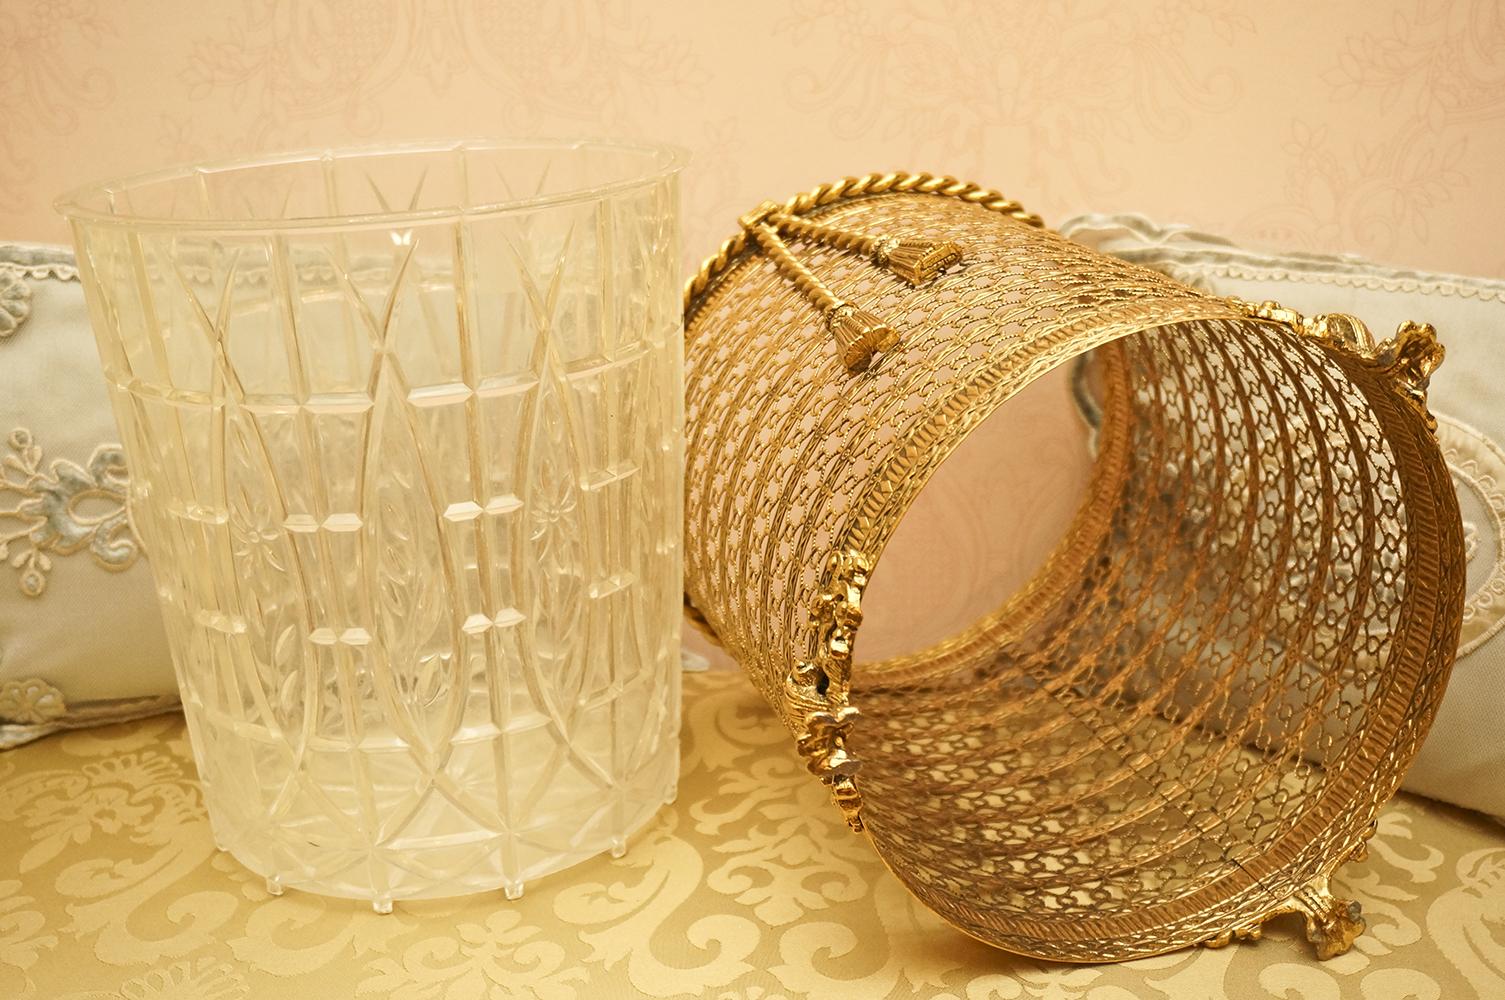 Sold: スタイルビルト ゴールド ロープ透かし ゴミ箱 外した状態